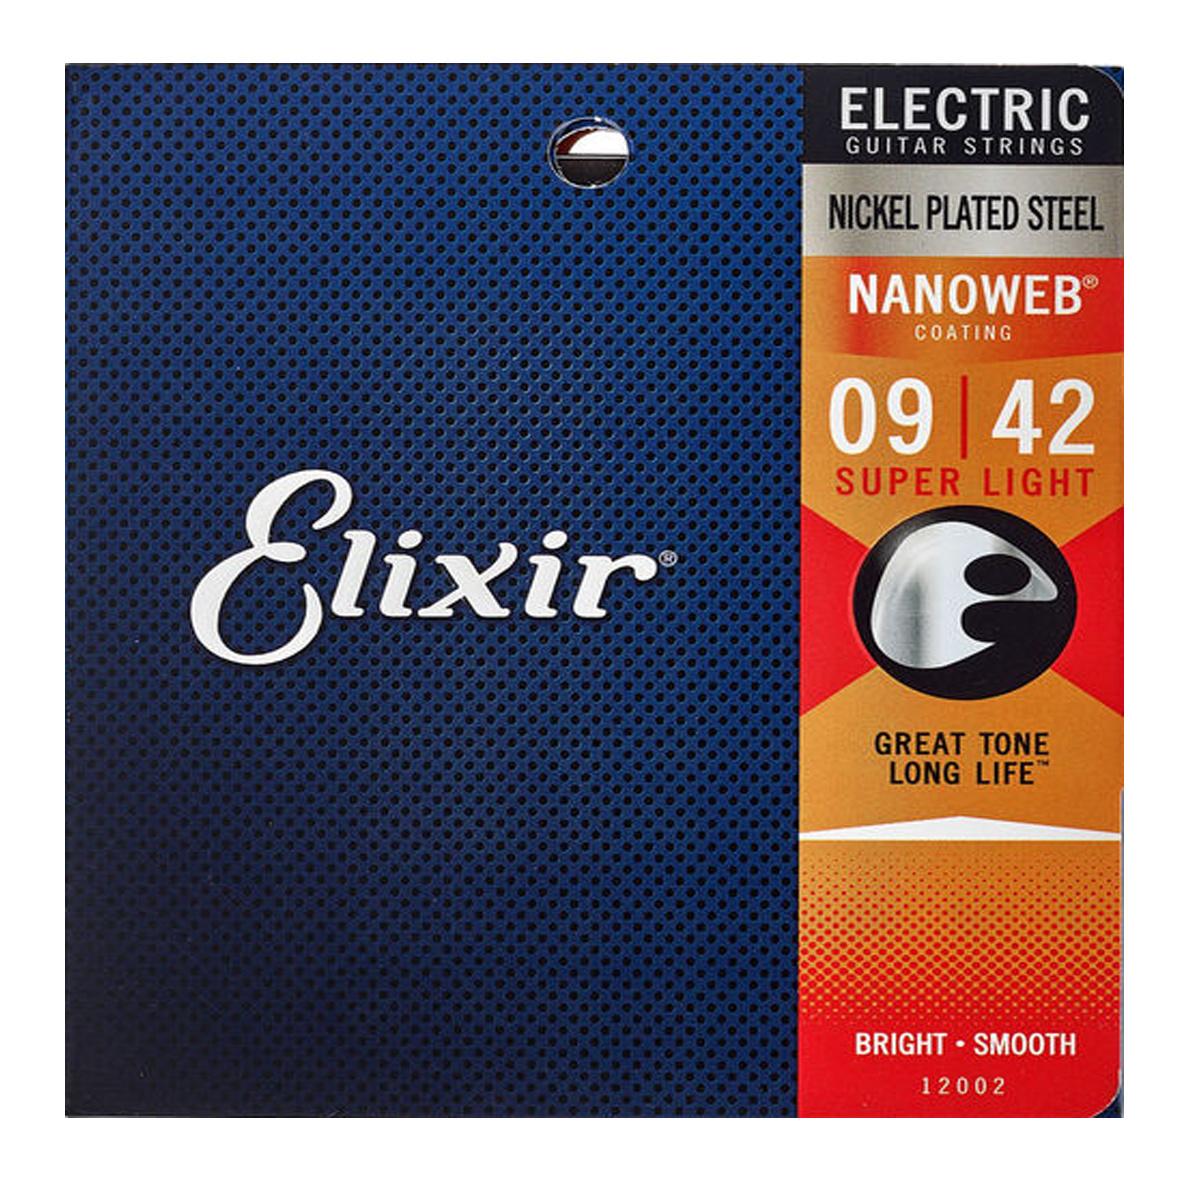 Elixir Elixir - 09-42 - Nanoweb Super Light - 12002 - Nickel Plated Steel